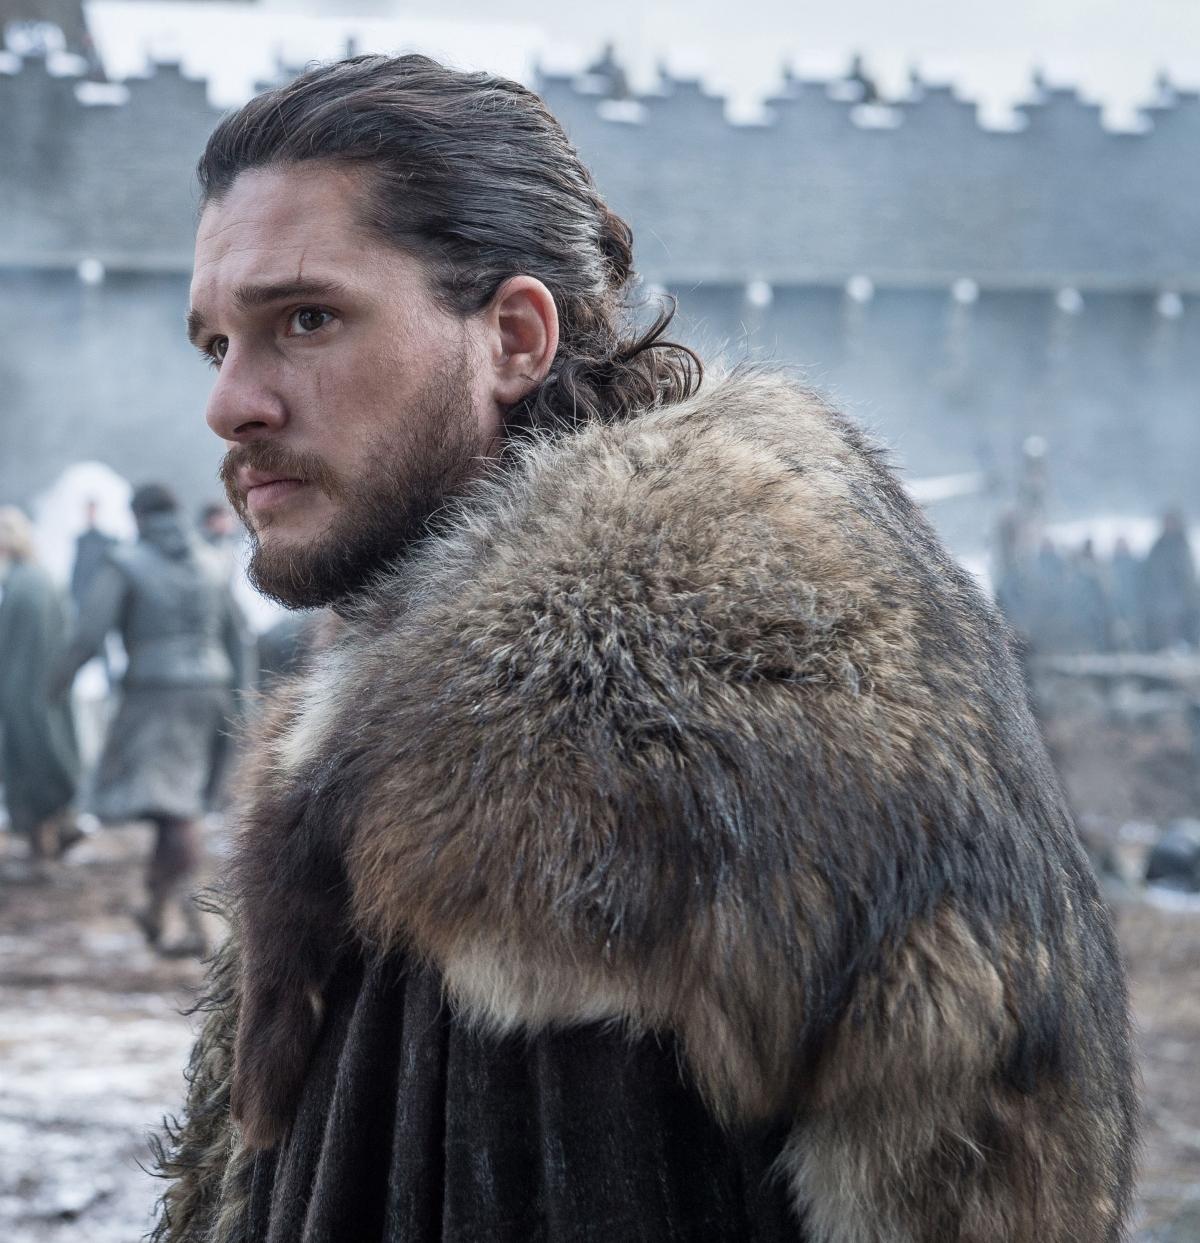 """Áp lực từ vai diễn """"Jon Snow"""" trong loạt phim đình đám """"Game of thrones"""" đã khiến Harington mắc bệnh trầm cảm và chứng nghiện rượu."""